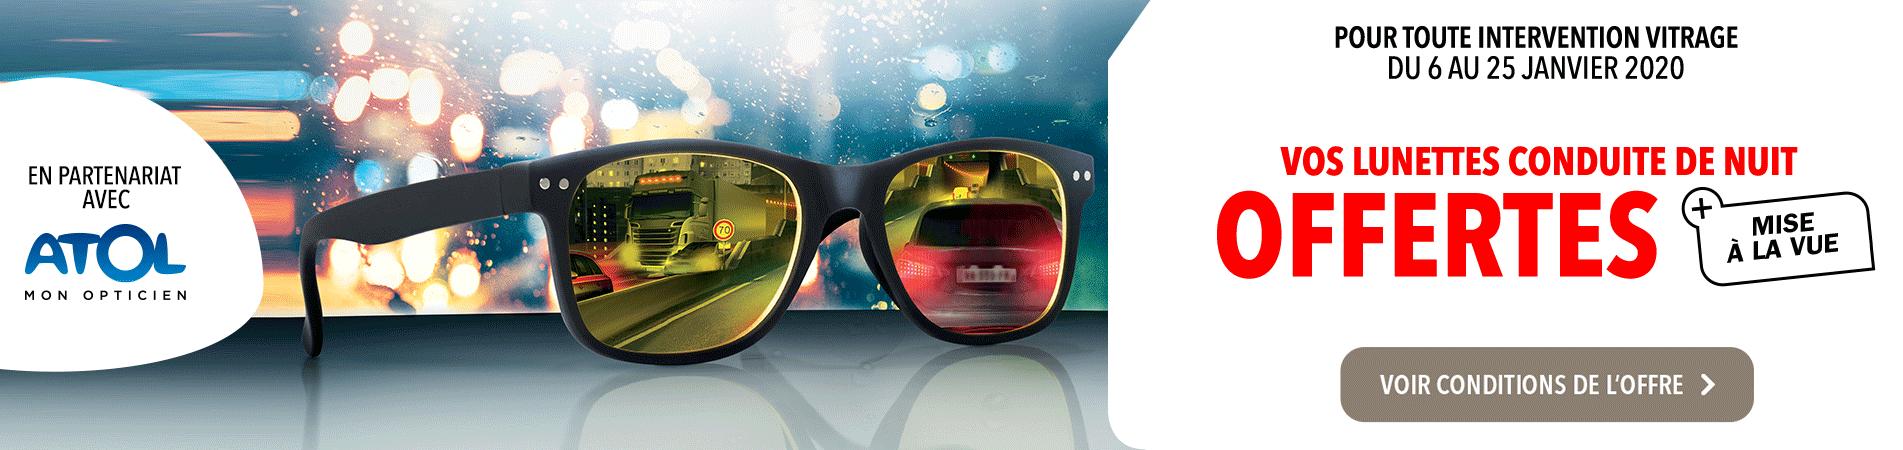 Améliorer votre visibilité avec carglass®